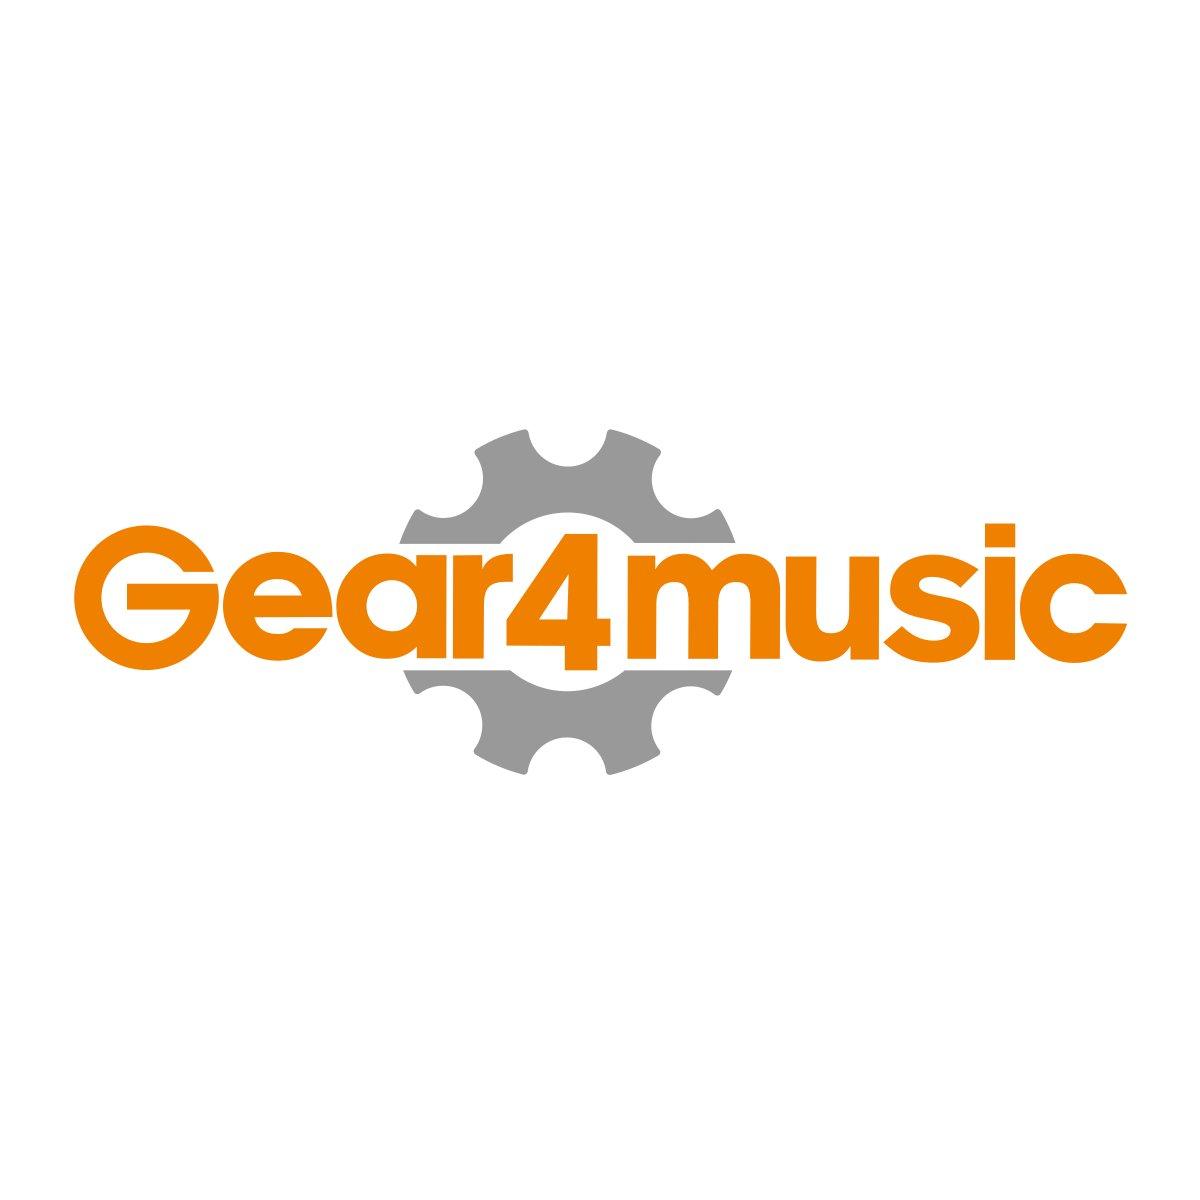 guitare lectrique pour gaucher la par gear4music rose. Black Bedroom Furniture Sets. Home Design Ideas